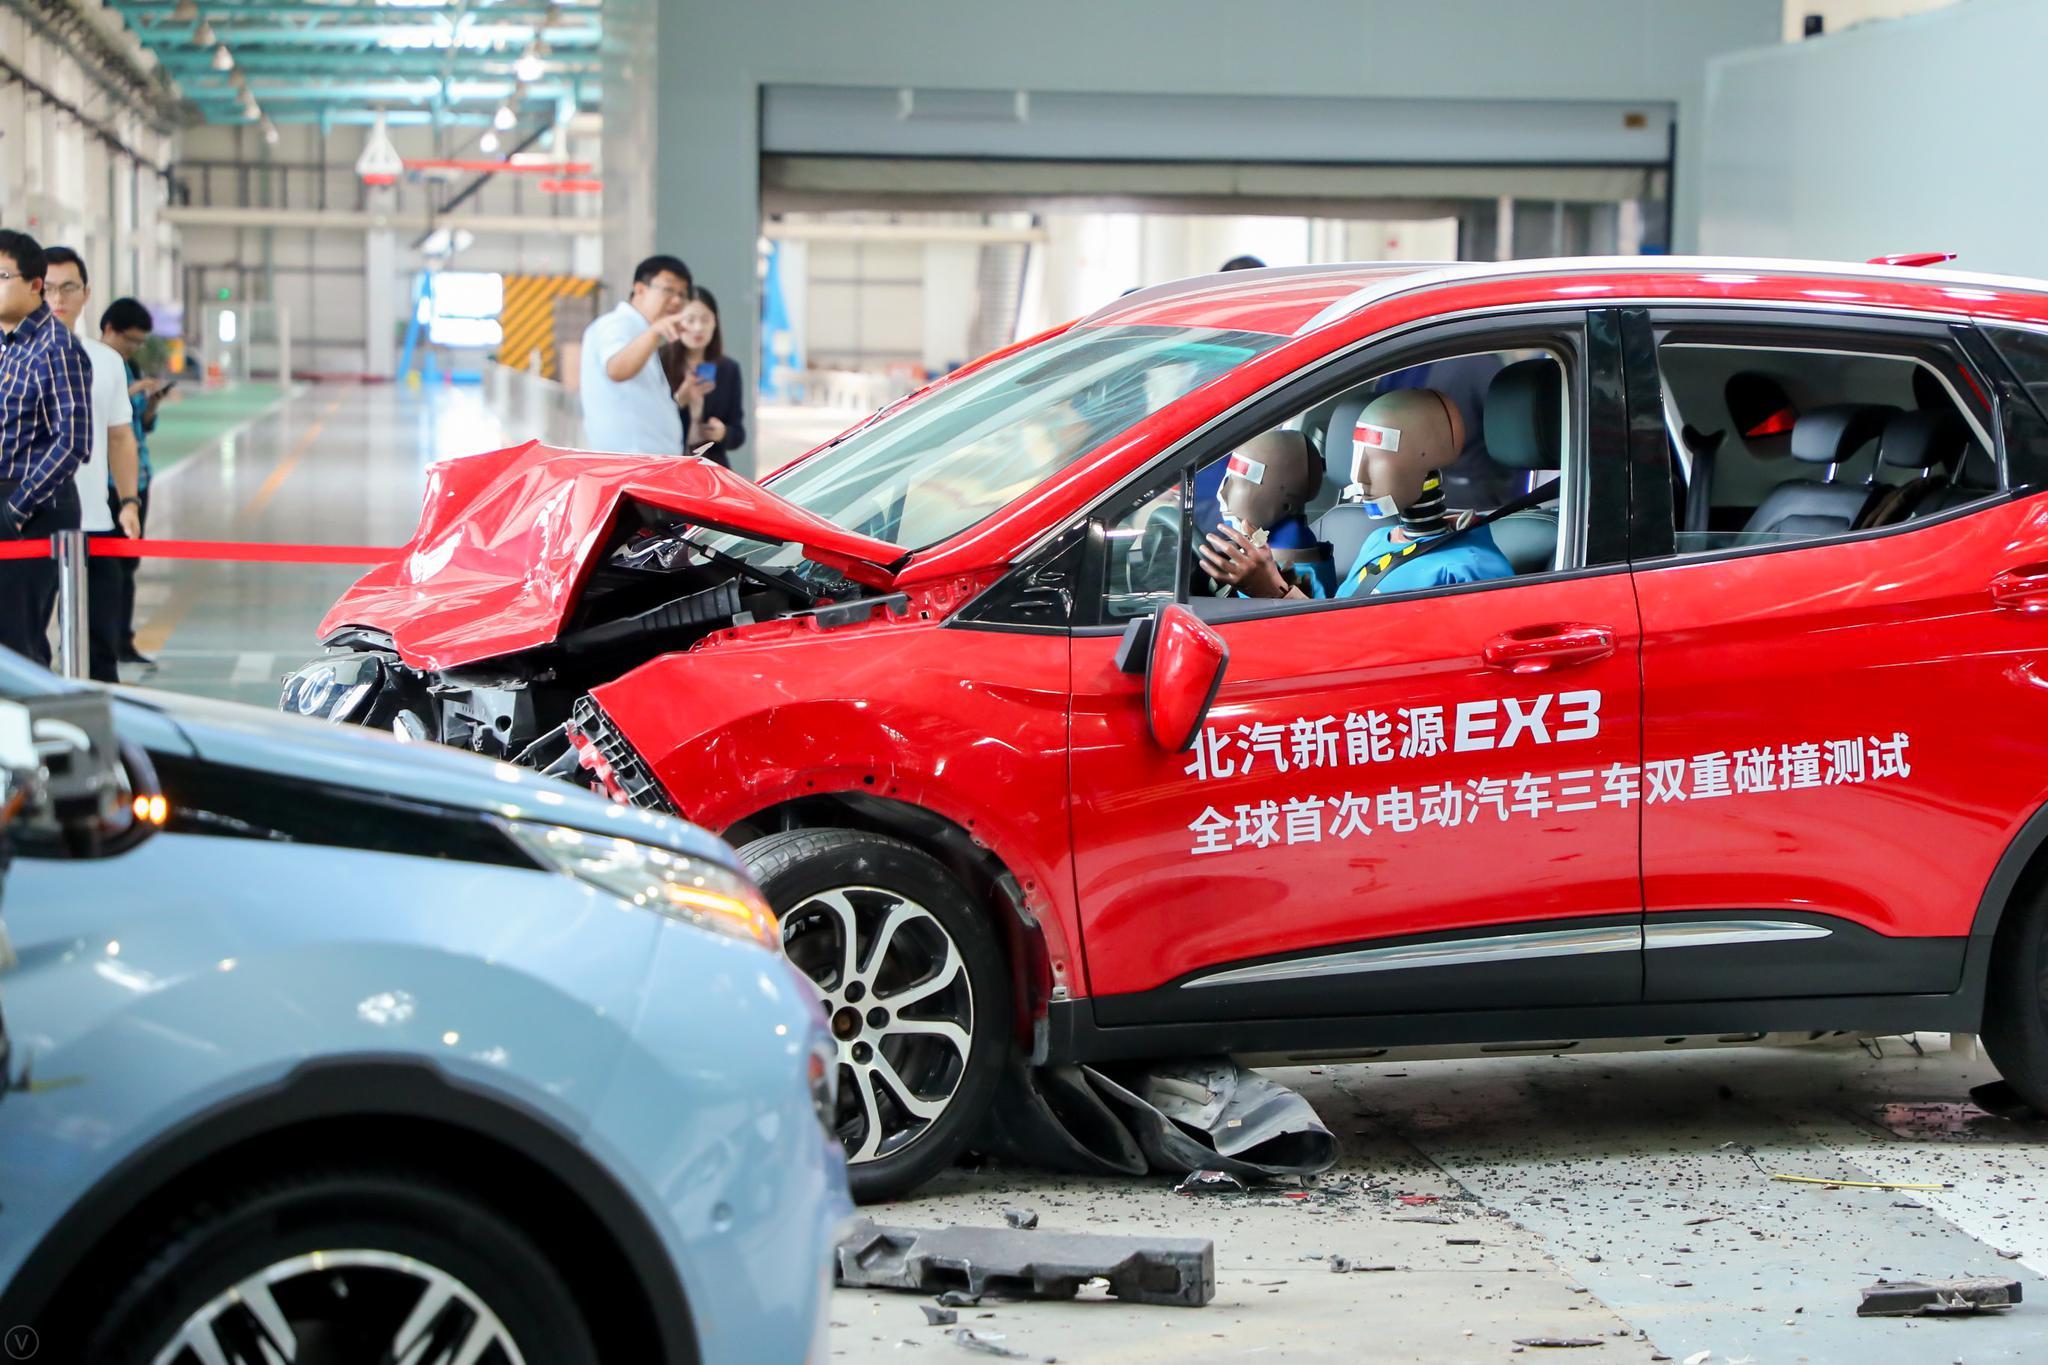 侧面碰撞成绩满分 EX3三车双重碰撞测试